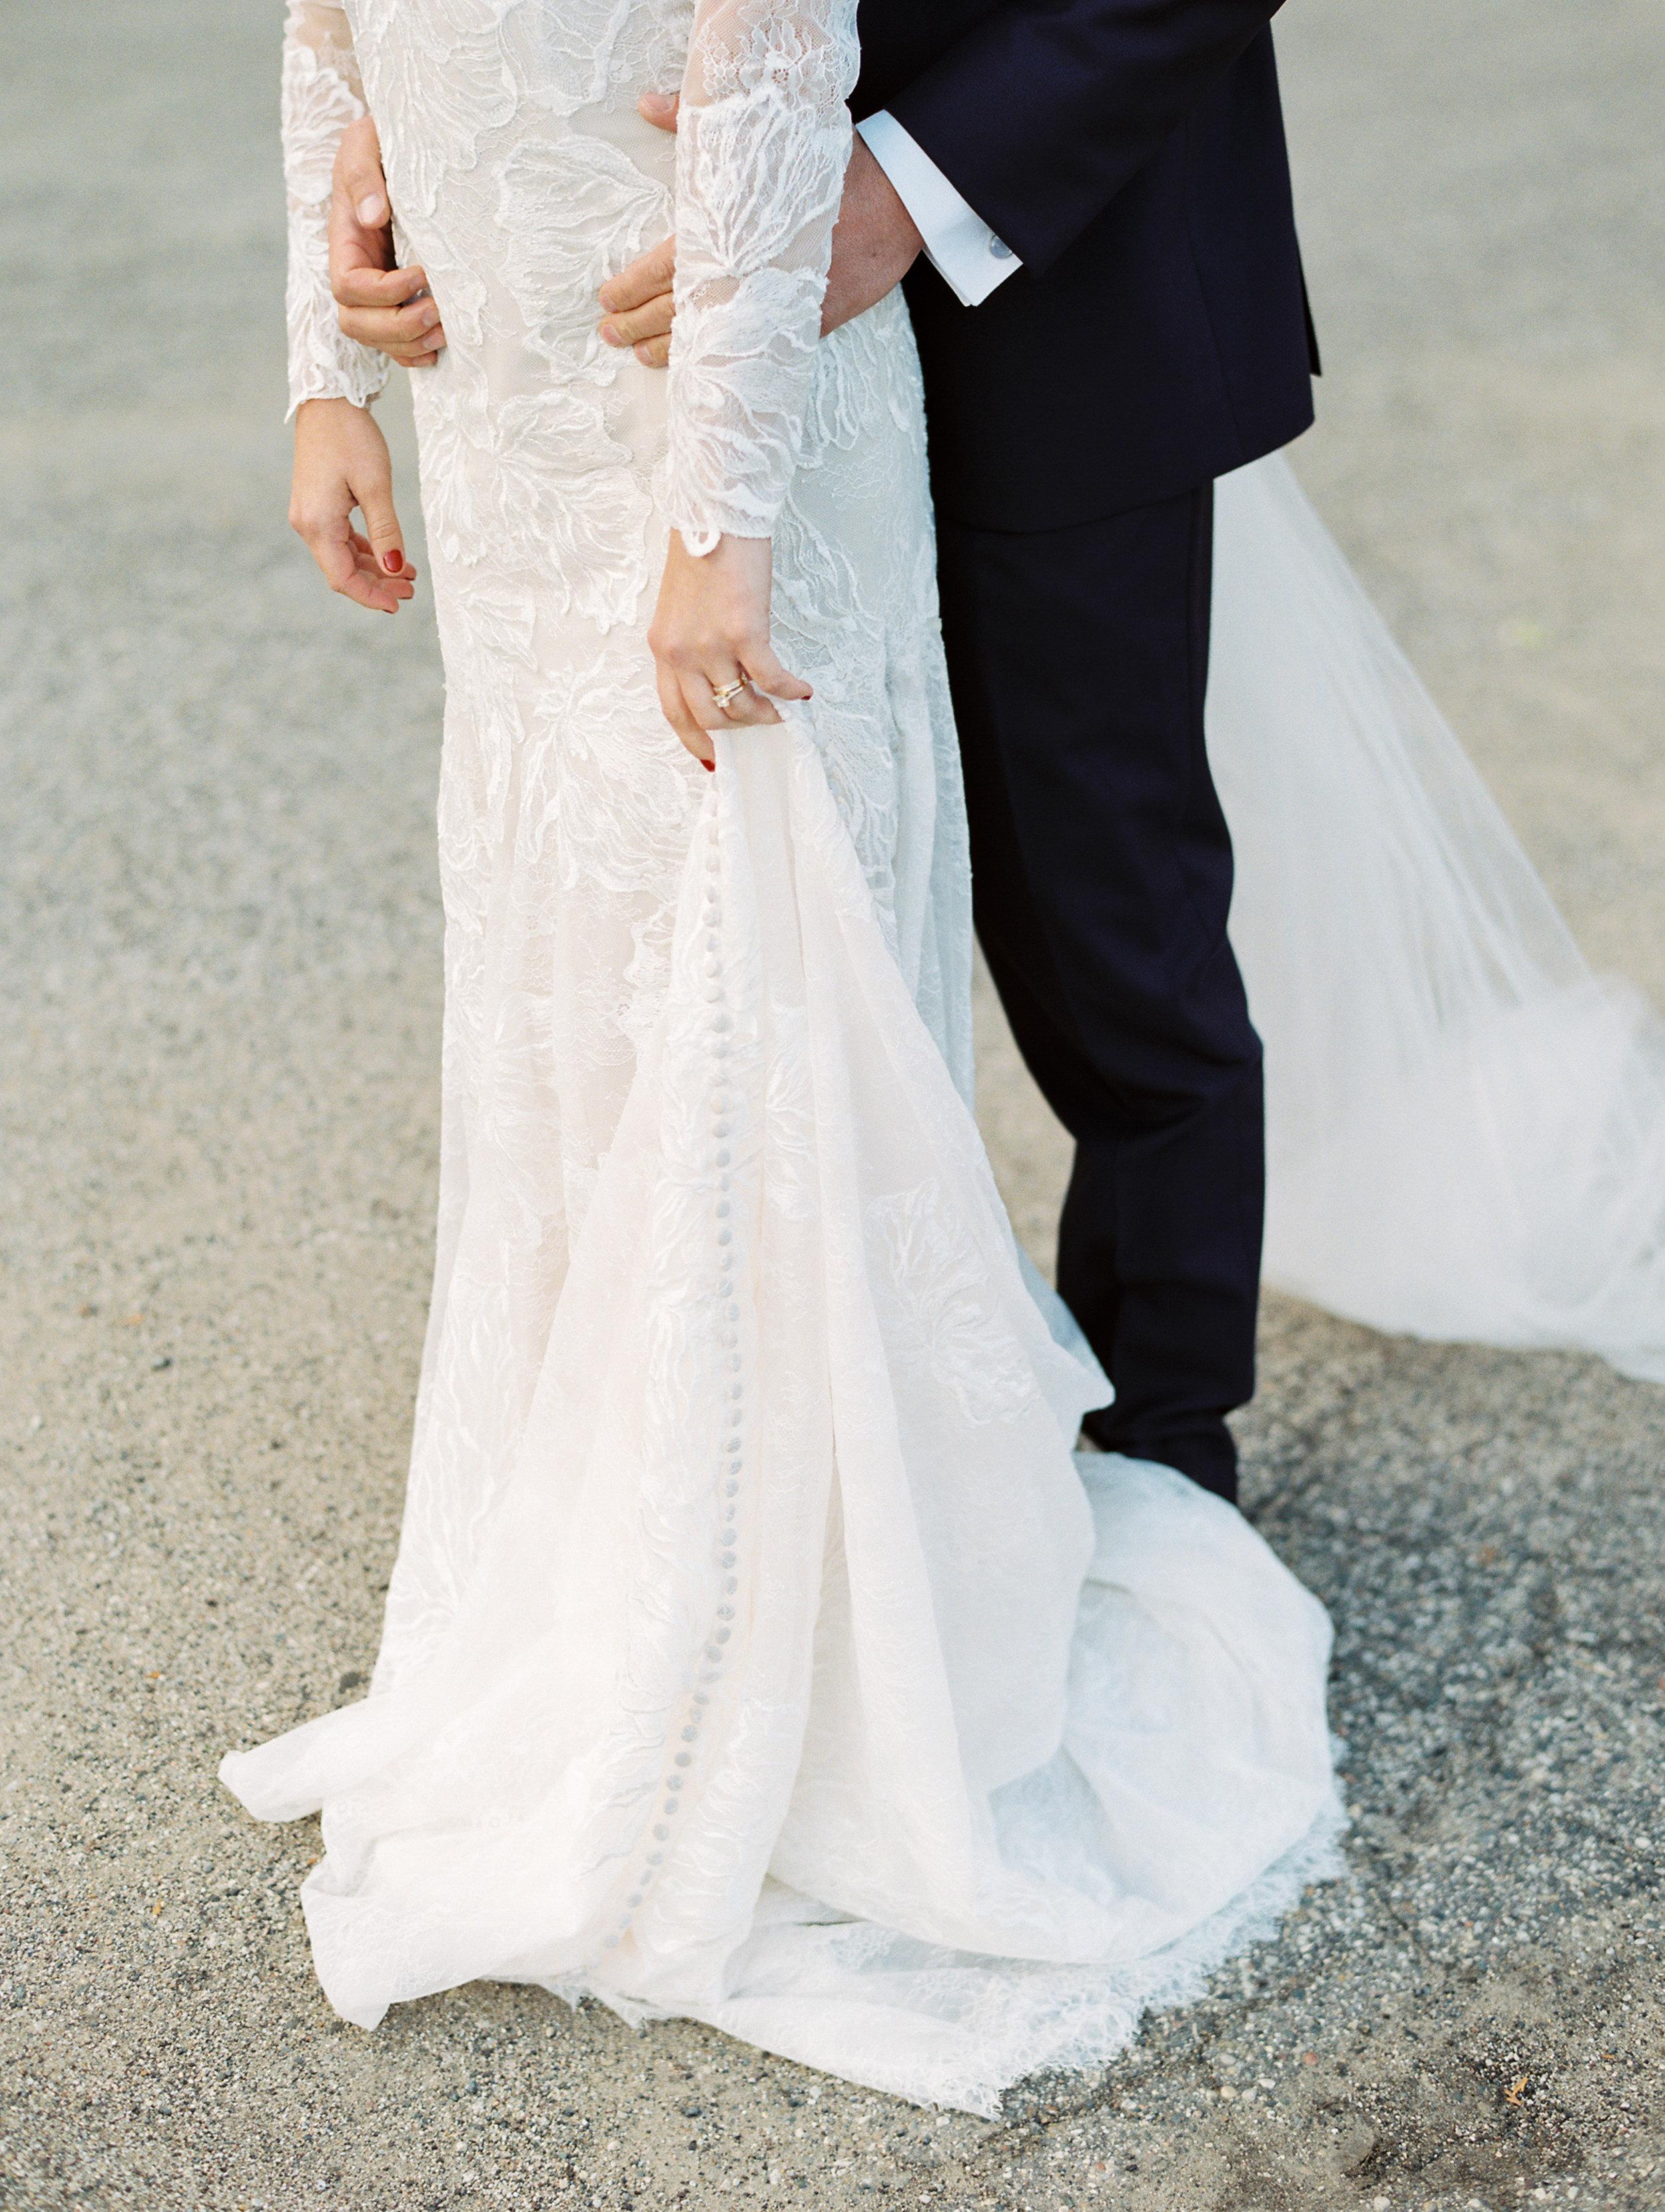 Vogelzang+Wedding+Bride+Groom-54.jpg